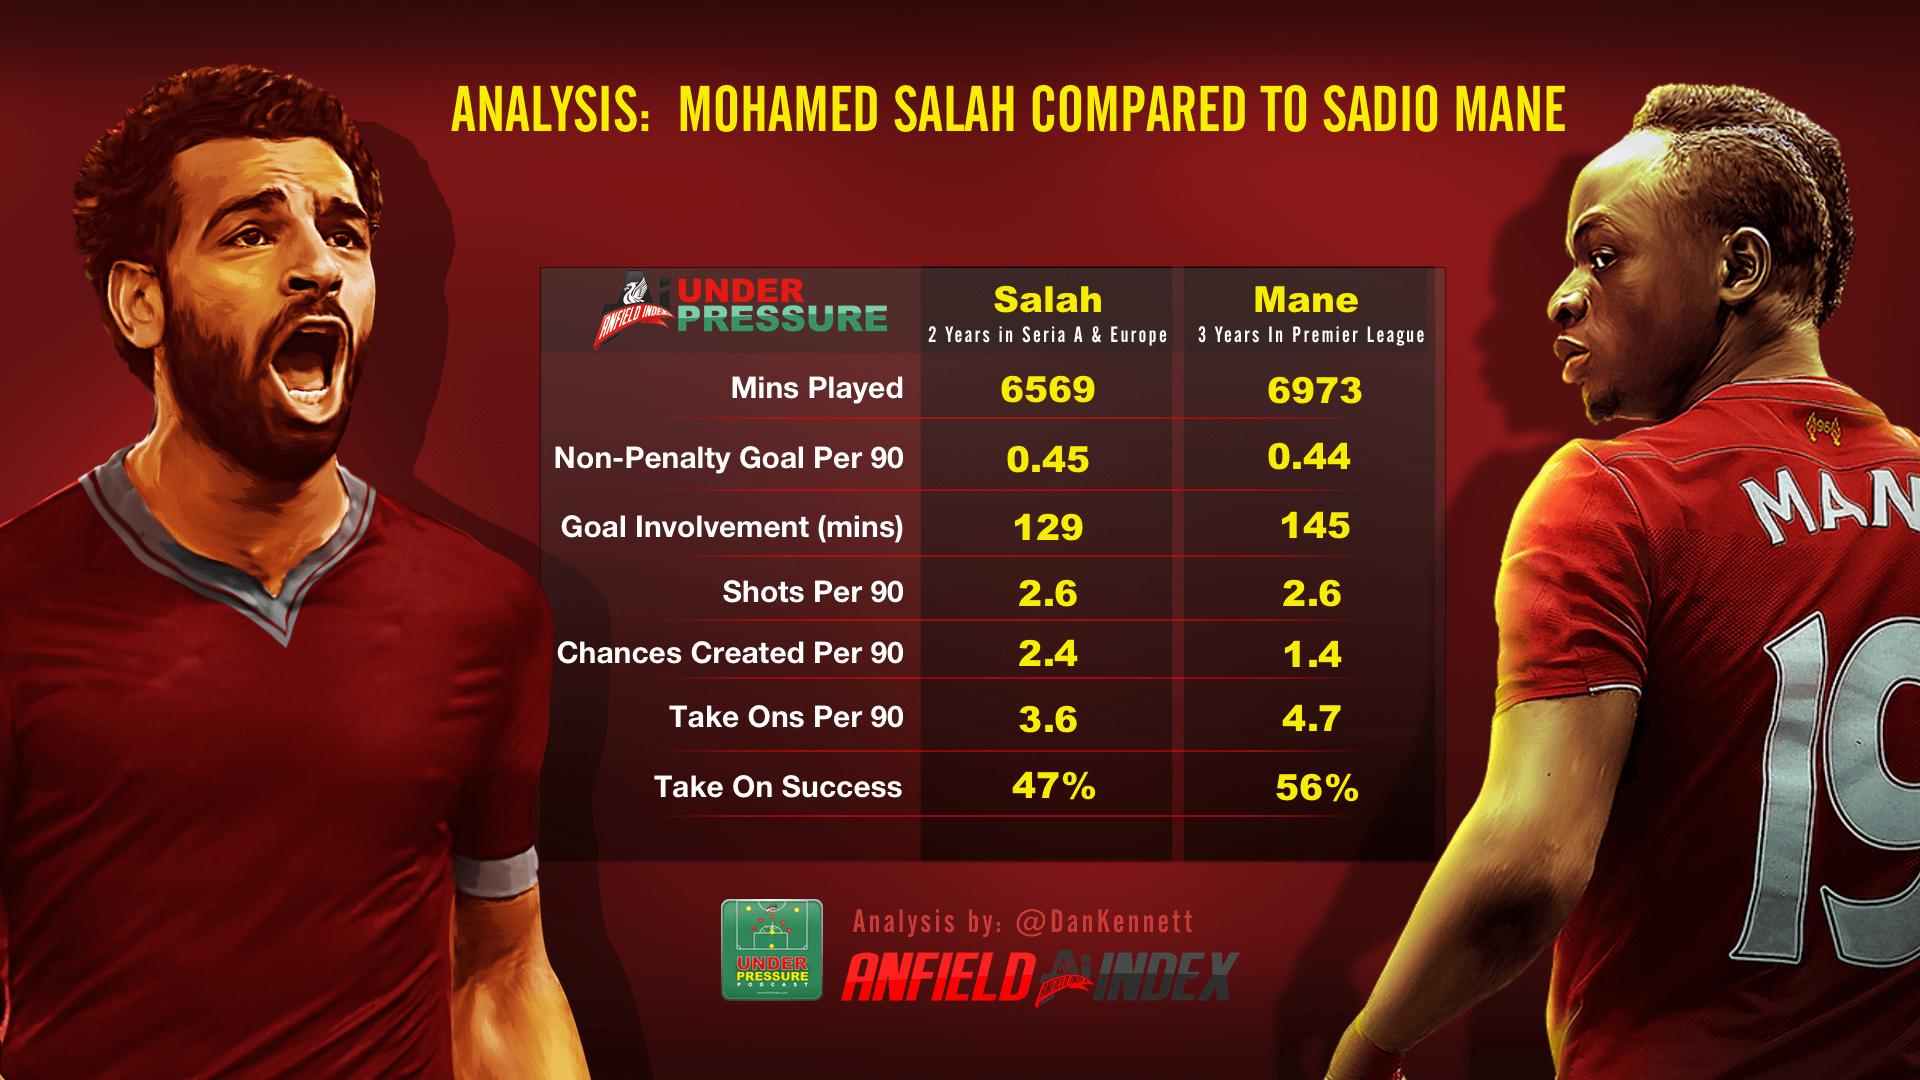 Analysis Mohamed Salah pared to Sadio Mane